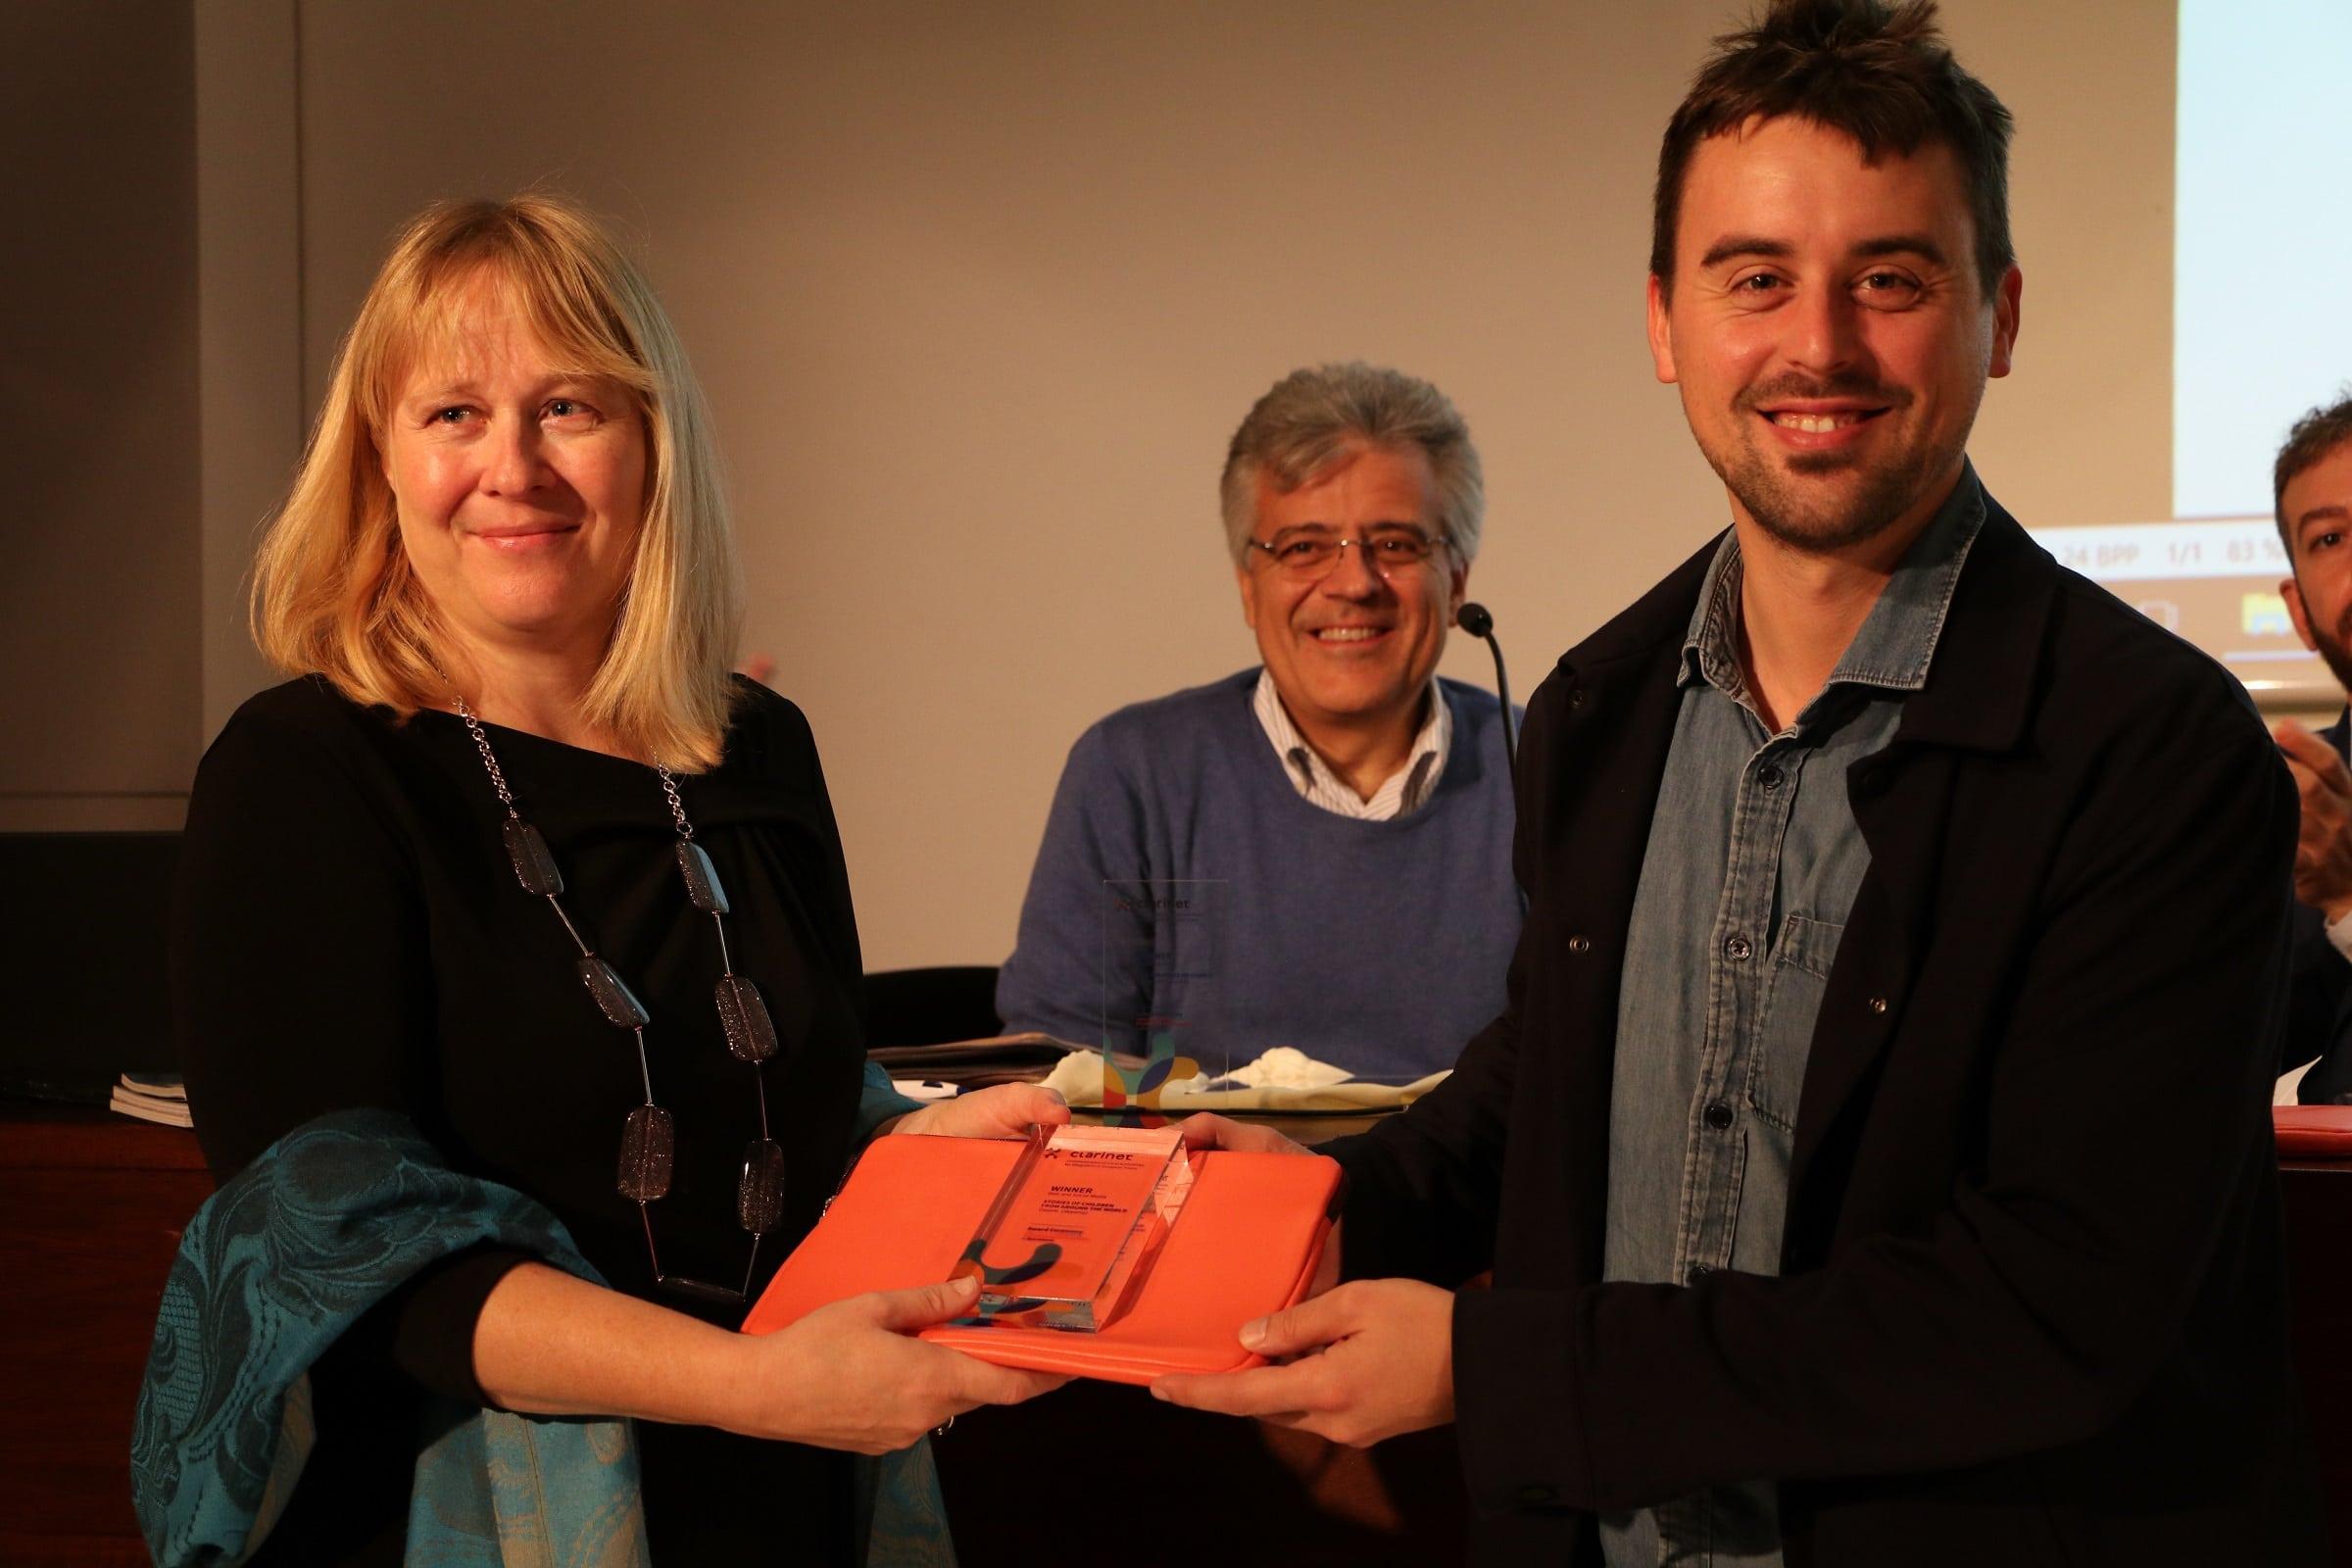 Mednarodna nagrada projekta Clarinet za Zgodbe otrok sveta